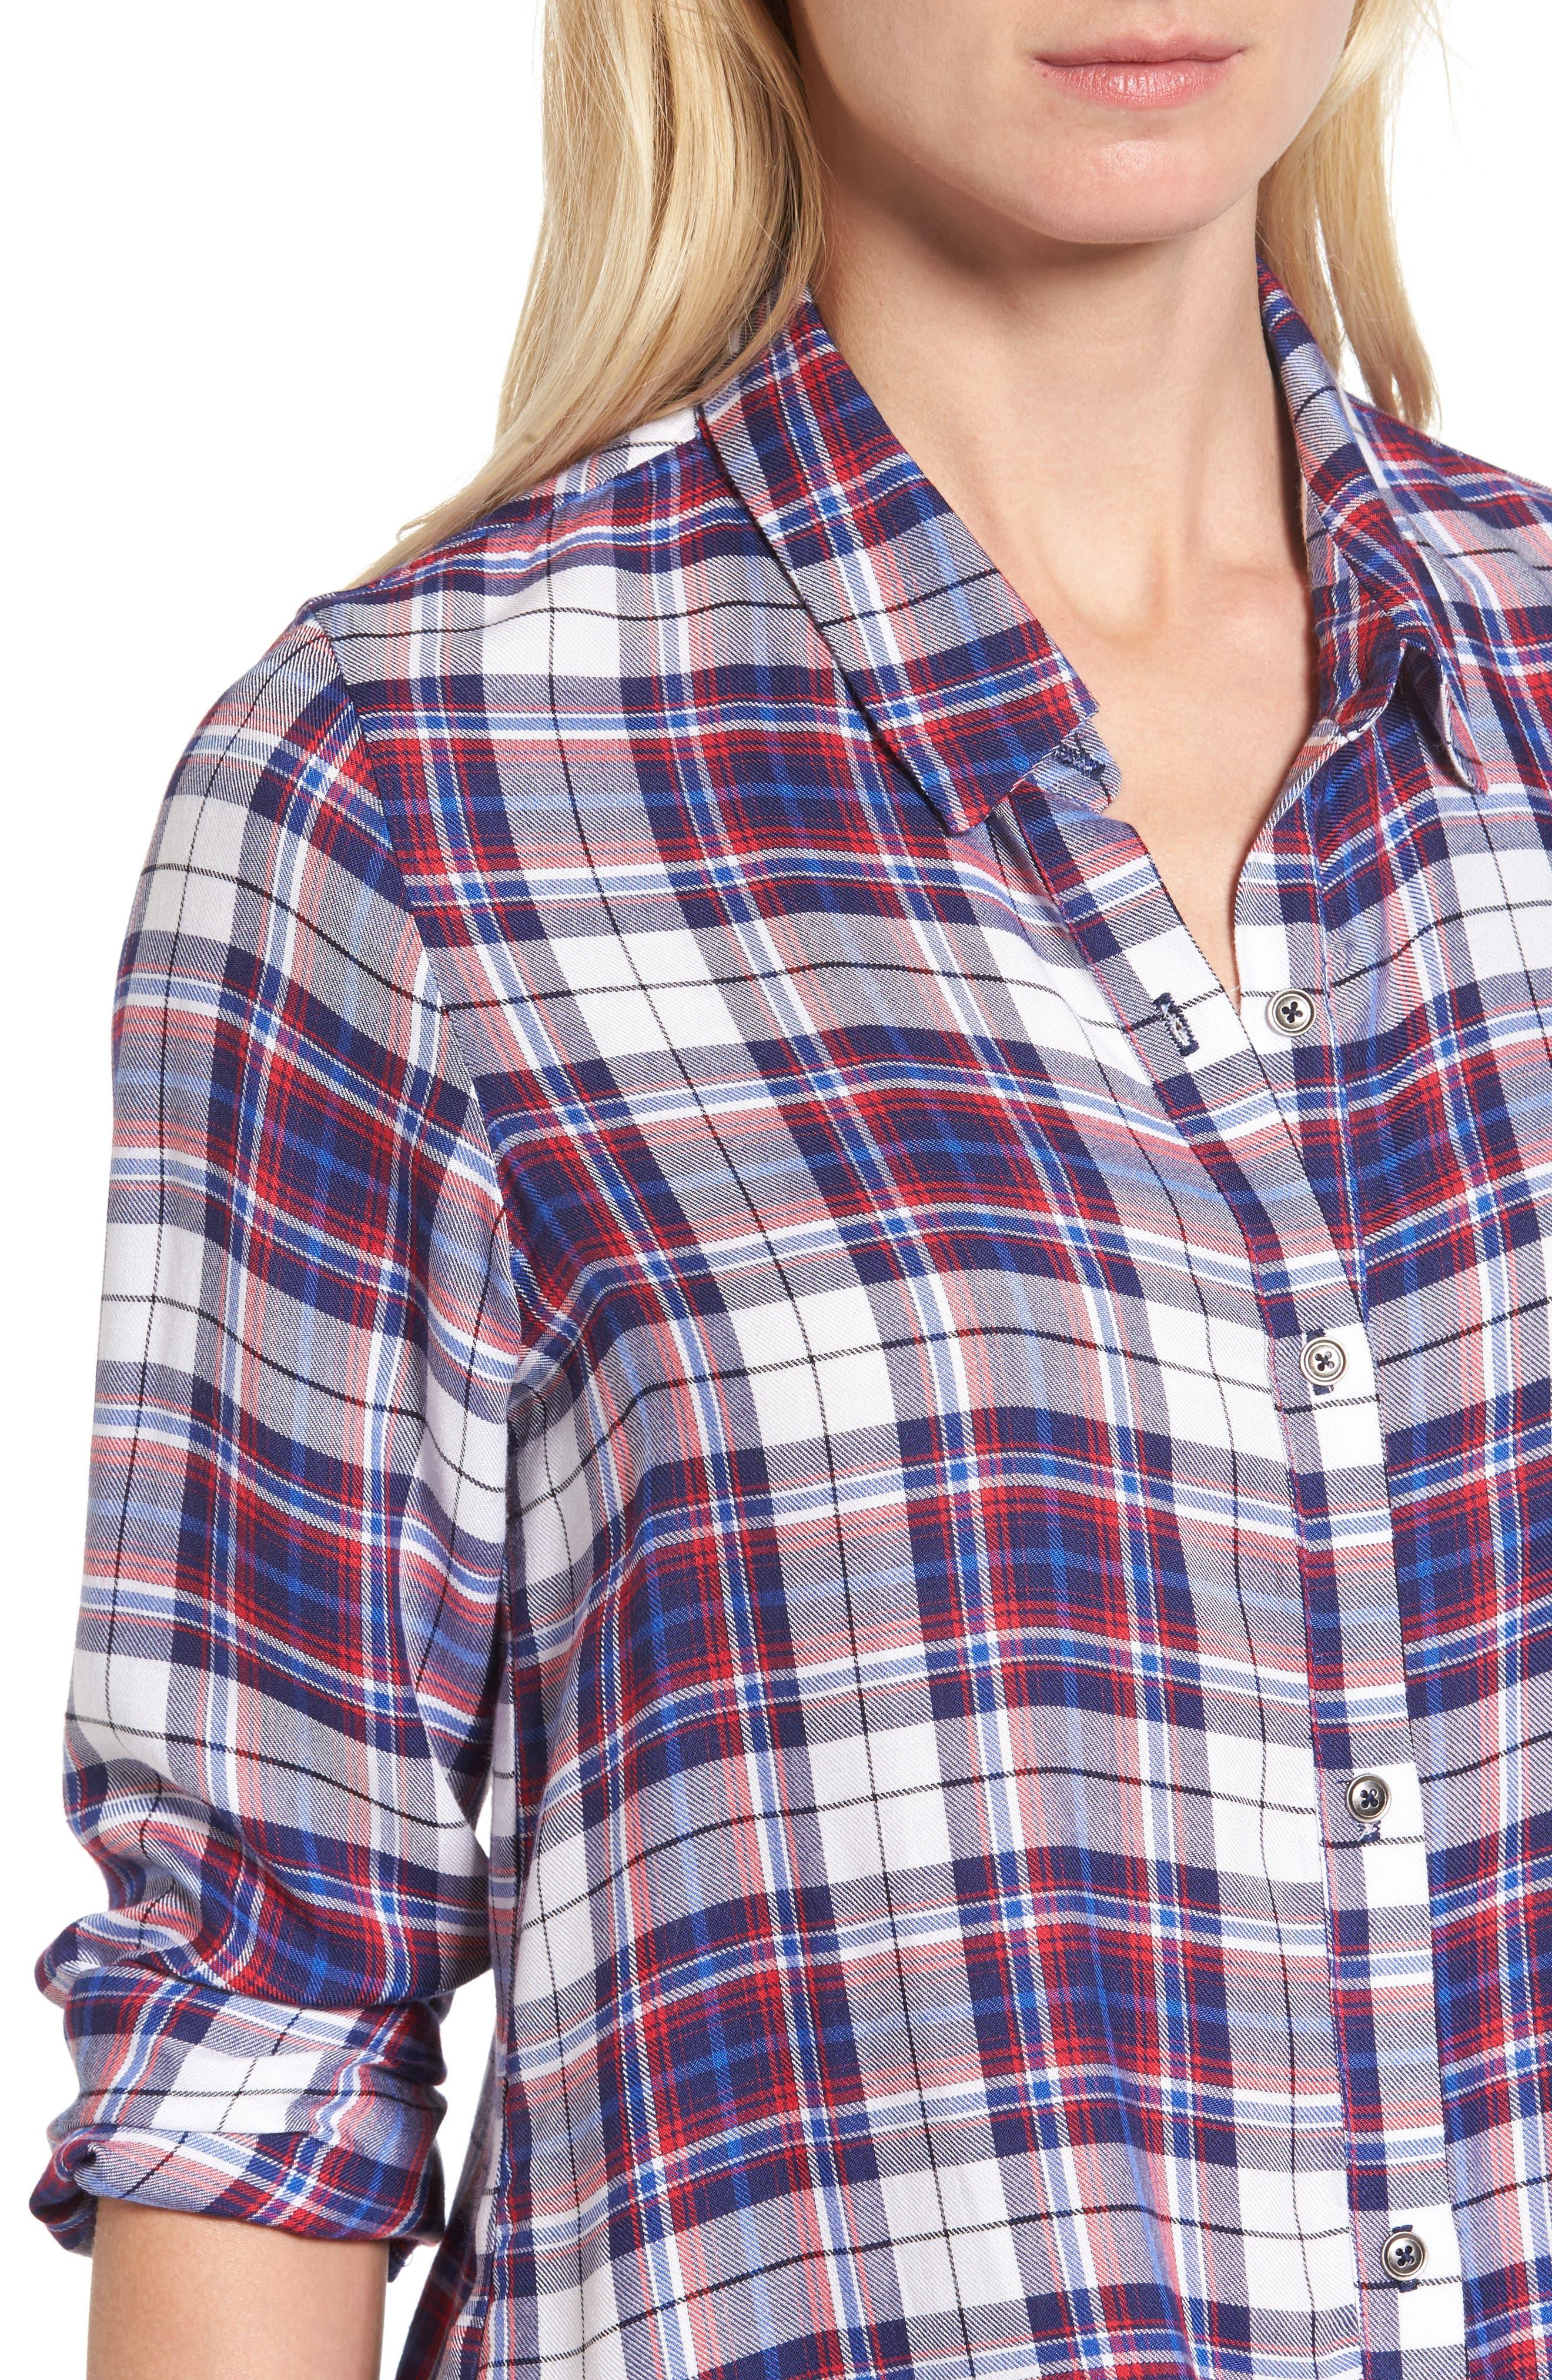 Tie Front Plaid Shirt,                             Alternate thumbnail 4, color,                             Burgundy/ Black Plaid